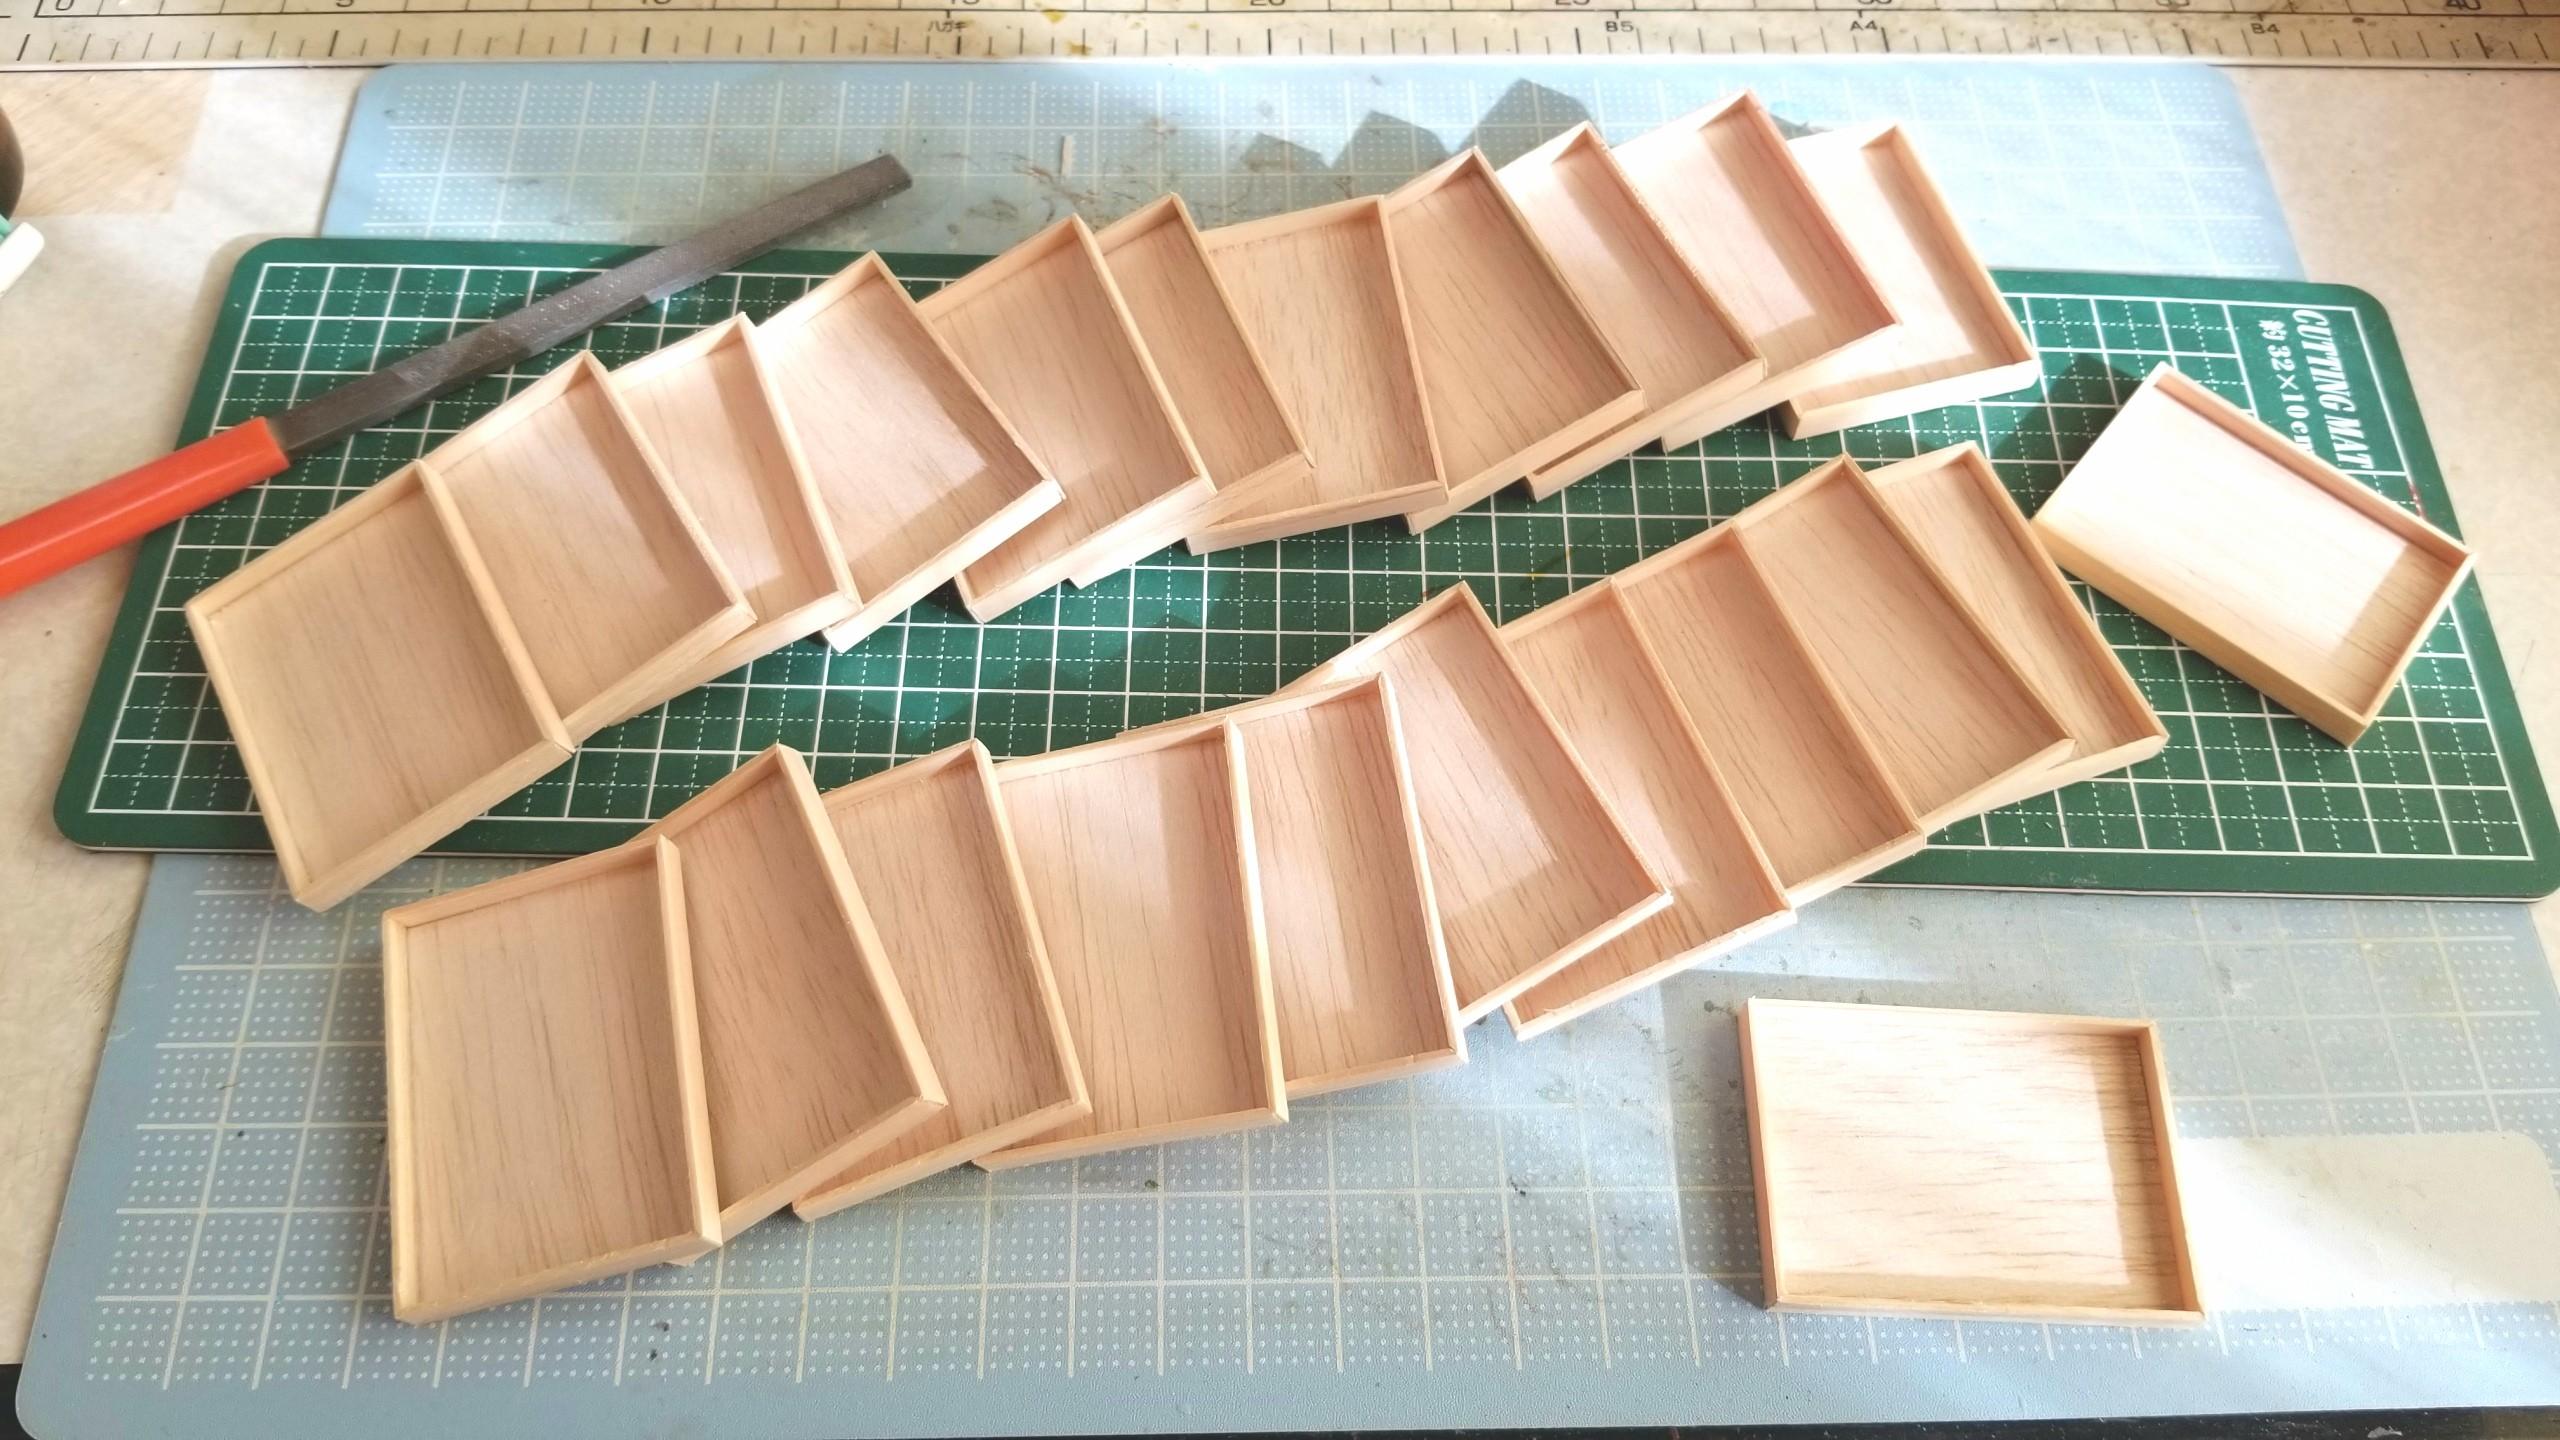 おぼん,作り方,ミニチュア,ひのき,木工作業,トレー,日曜大工,木材